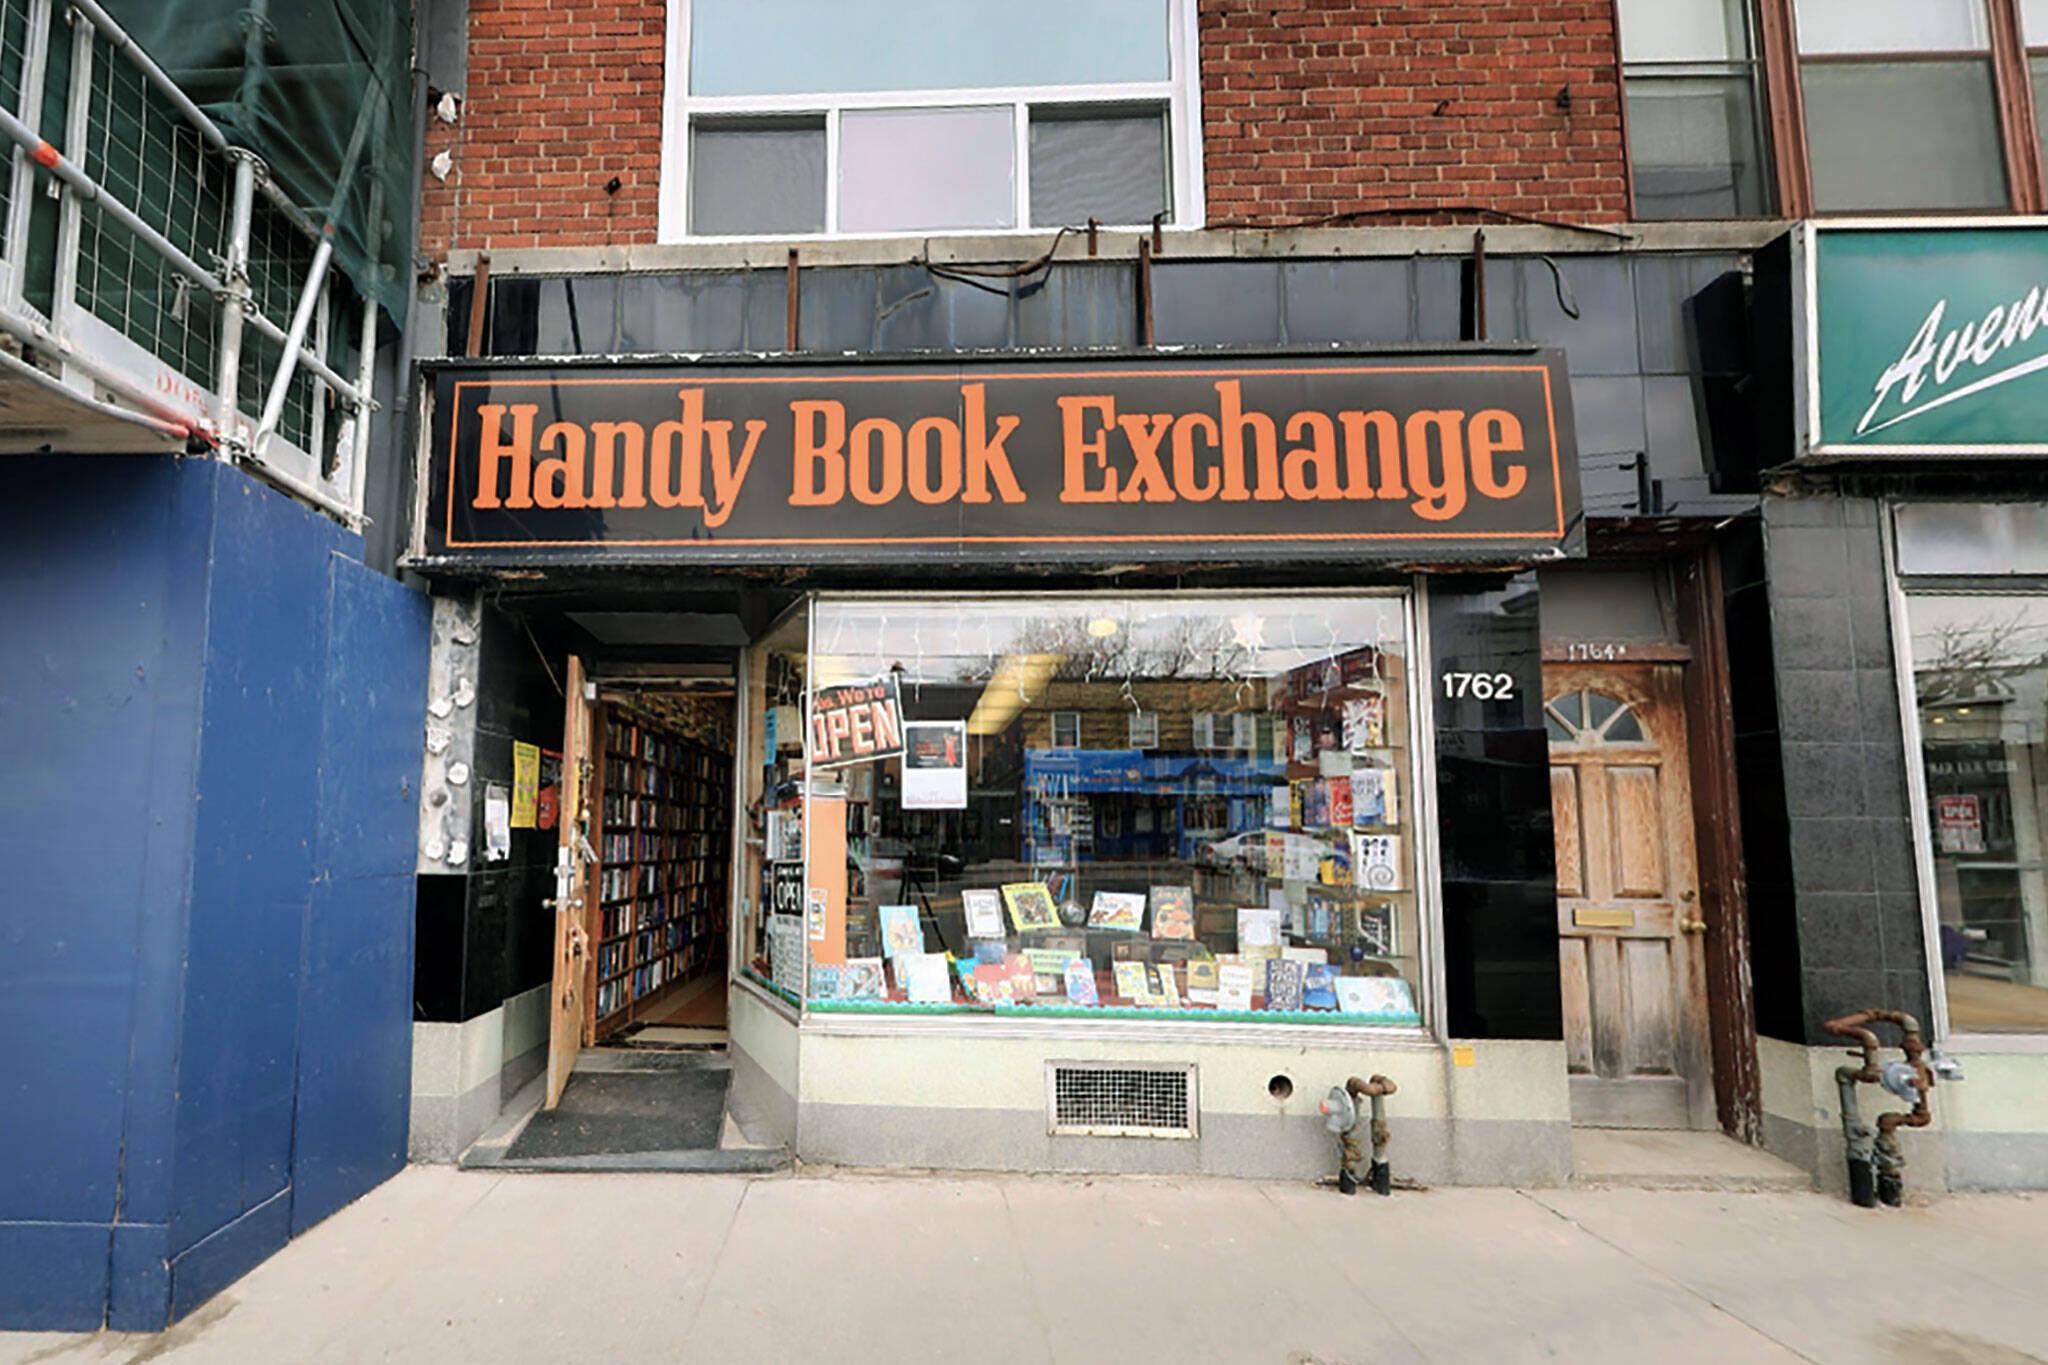 handy book exchange